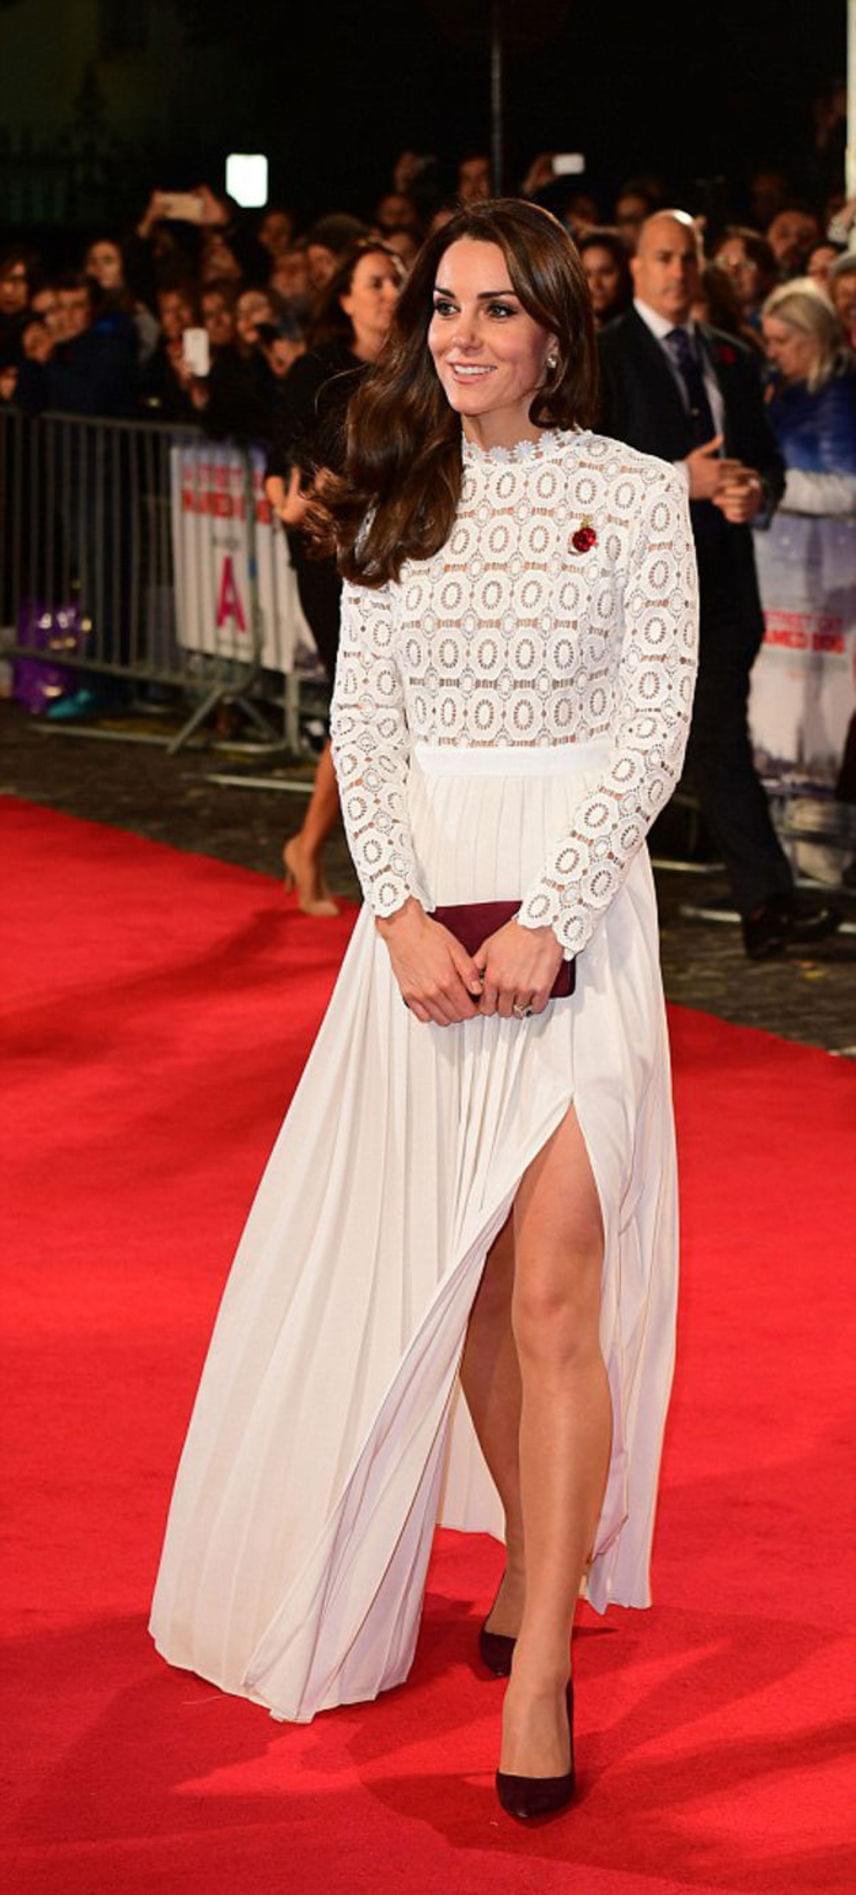 Katalin hercegné 2016 novemberének elején ebben a gyönyörű Self-Portrait ruhában lépett a vörös szőnyegre az A Street Cat Named Bob című film londoni premierjén. Ez a magasan felvágott szoknya még tőle is merész húzásnak számít.